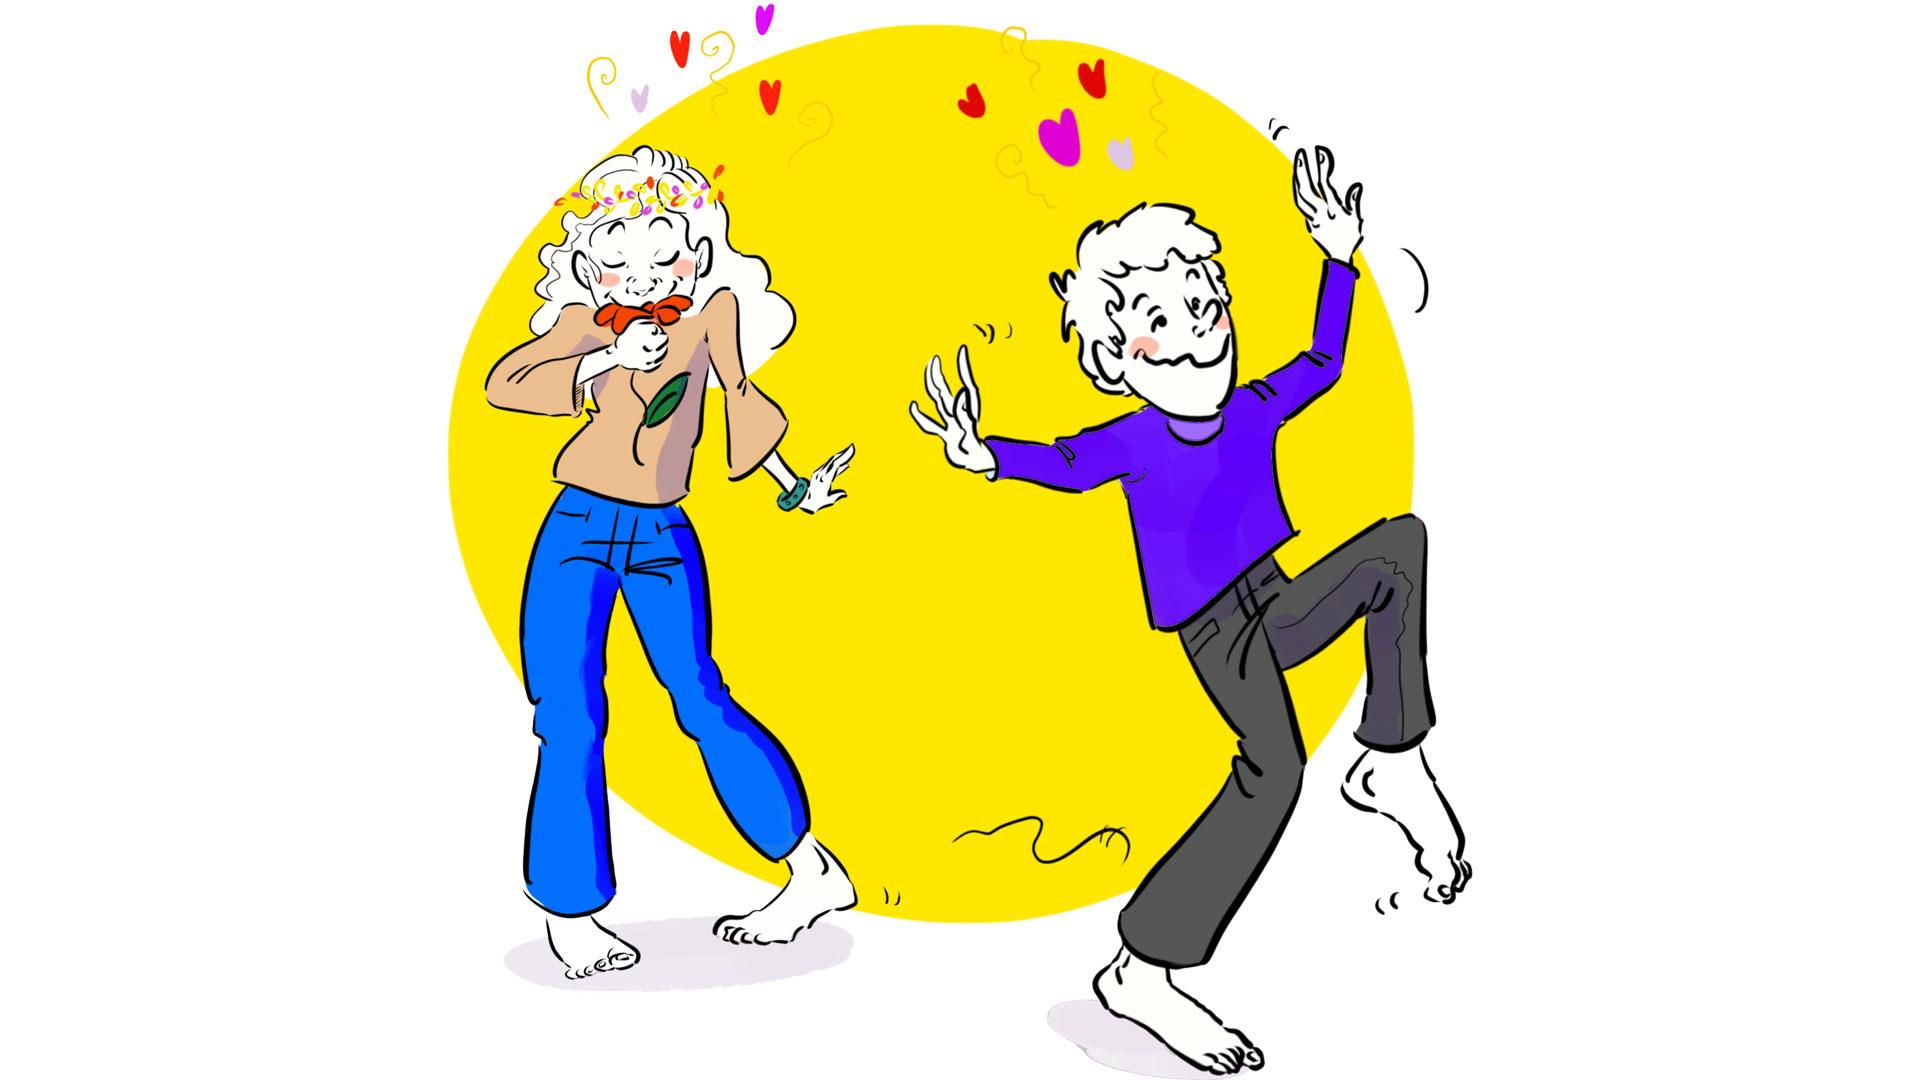 [SÉQUENCE COUPLE] Saint Valentin et souvenirs de rencontre